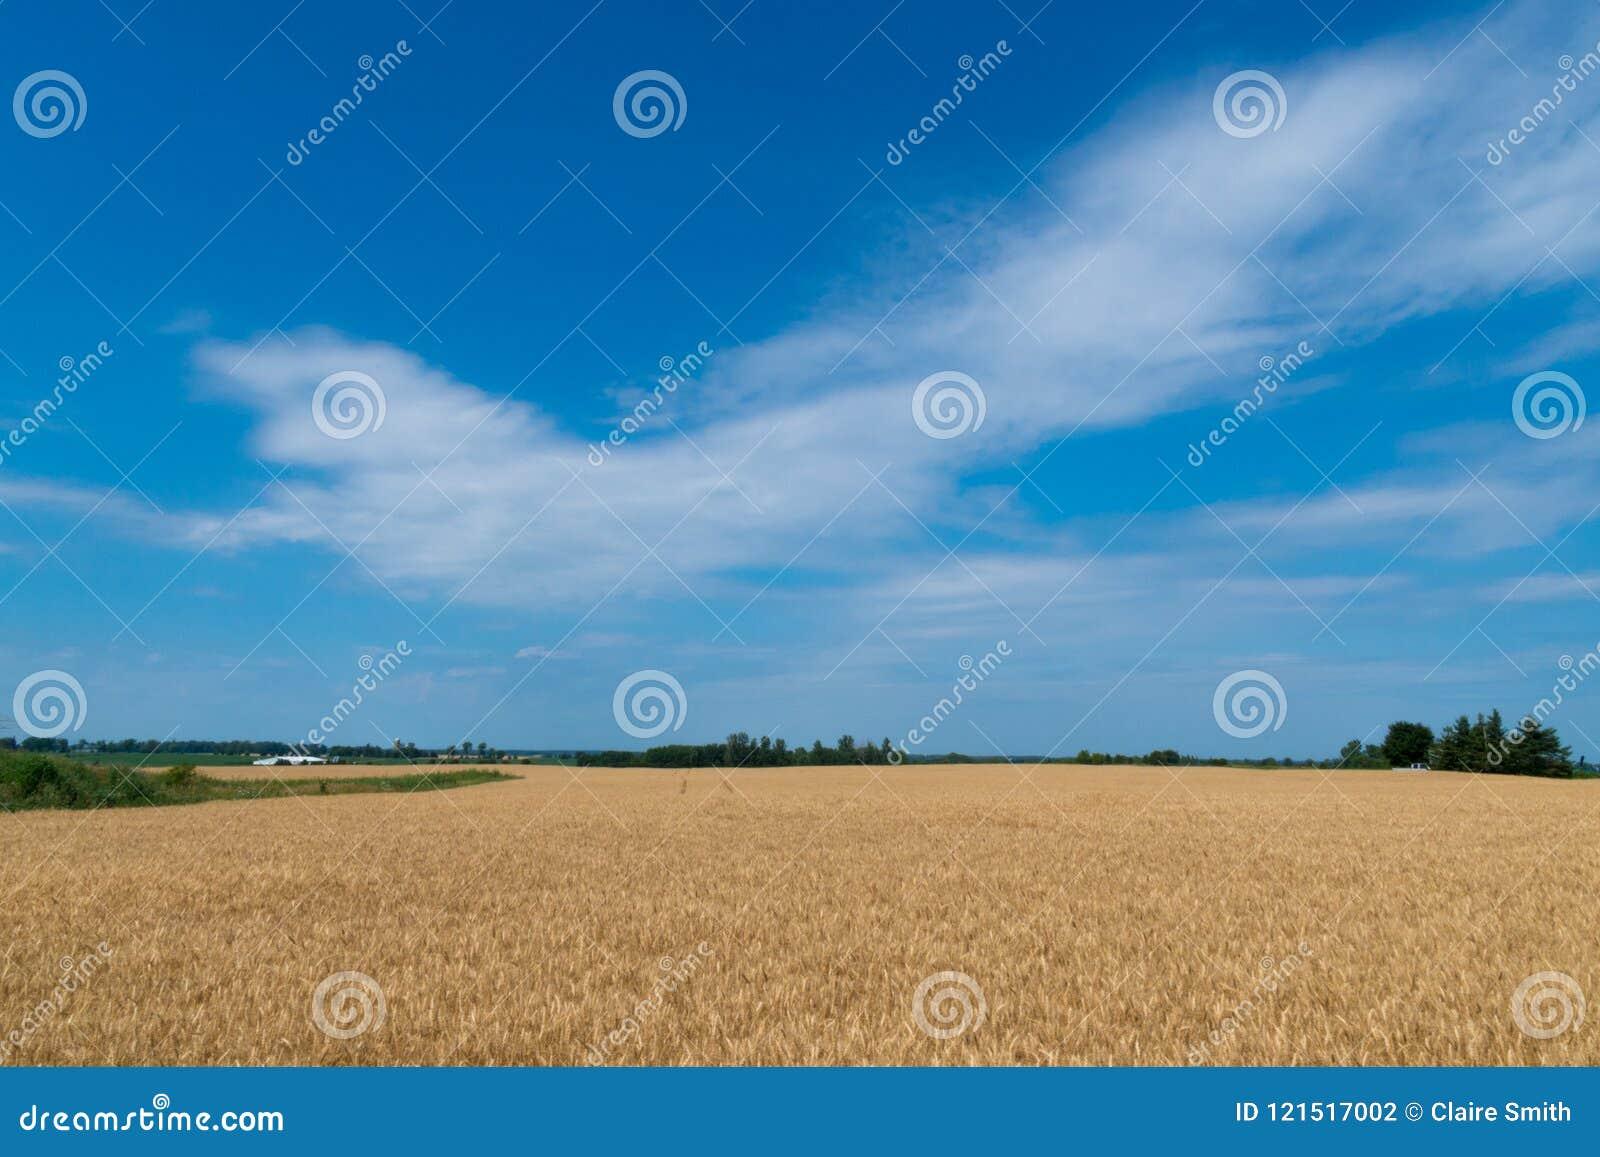 Landschaft des reifen Getreidefelds mit blauem Himmel und des whitespace für tex